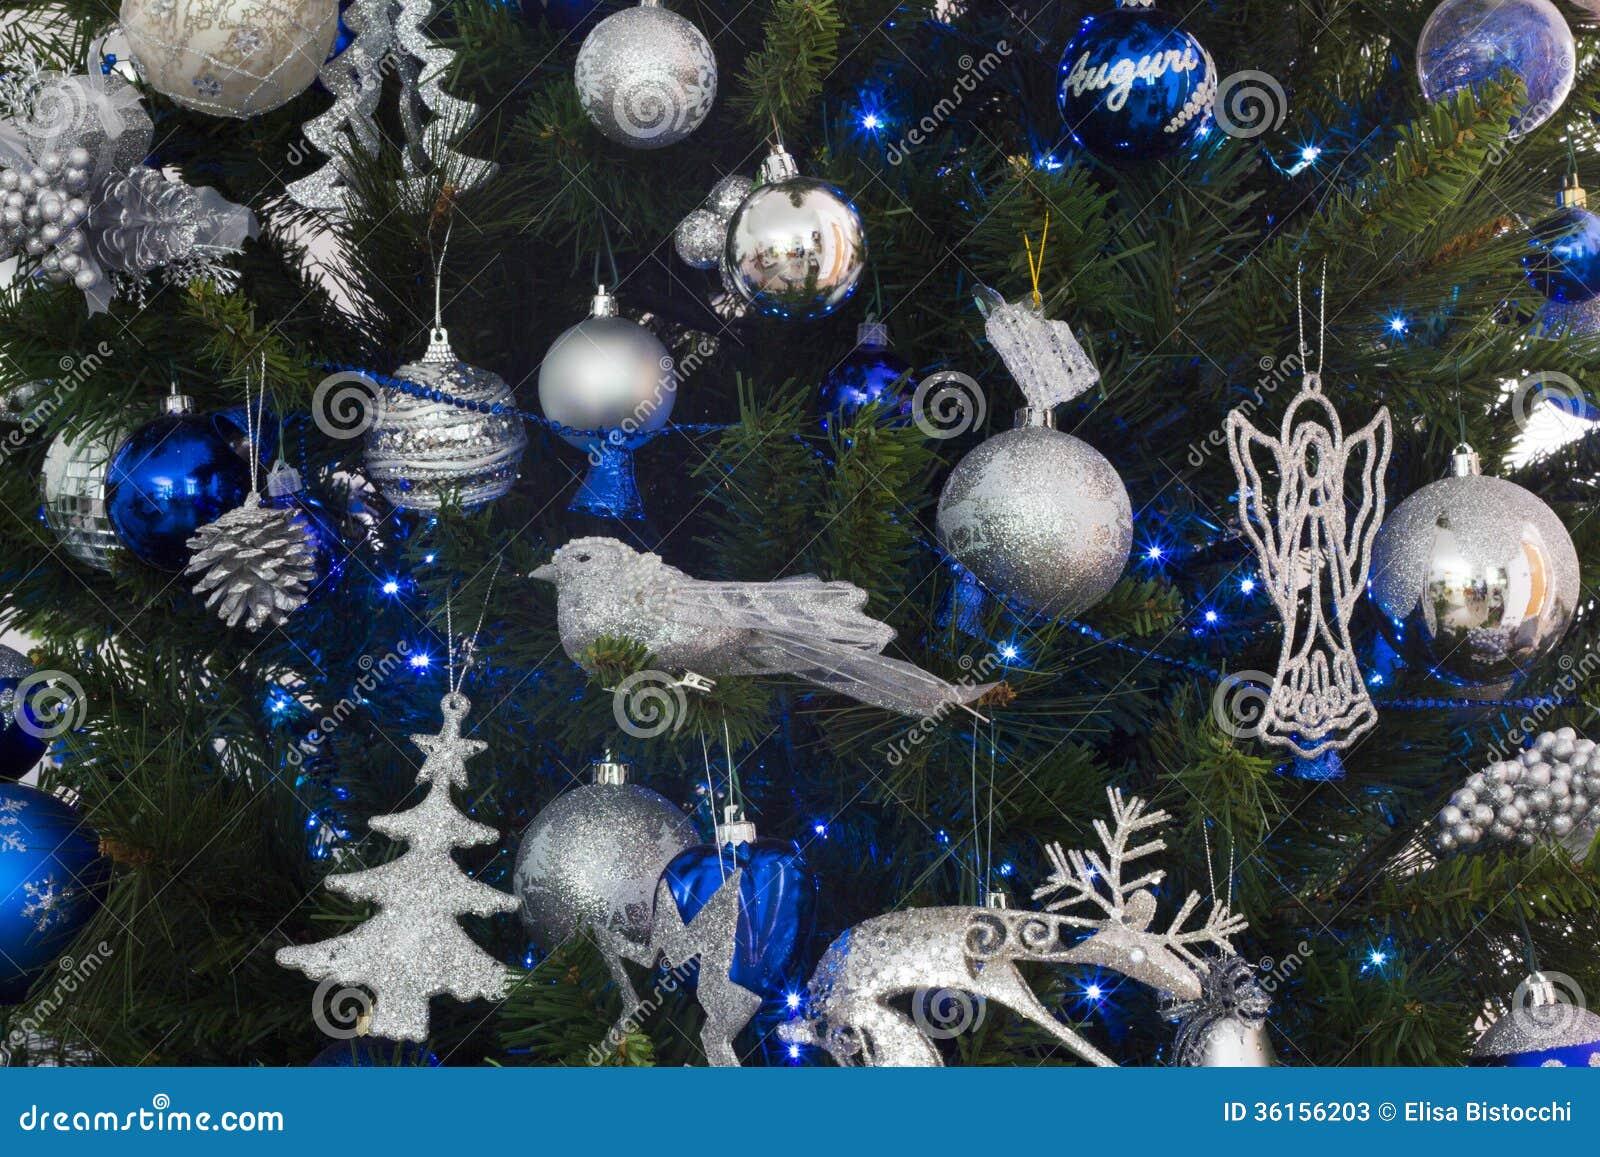 Albero Di Natale Con Decorazioni Blu : Decorazioni blu e d argento dell albero di natale immagine stock